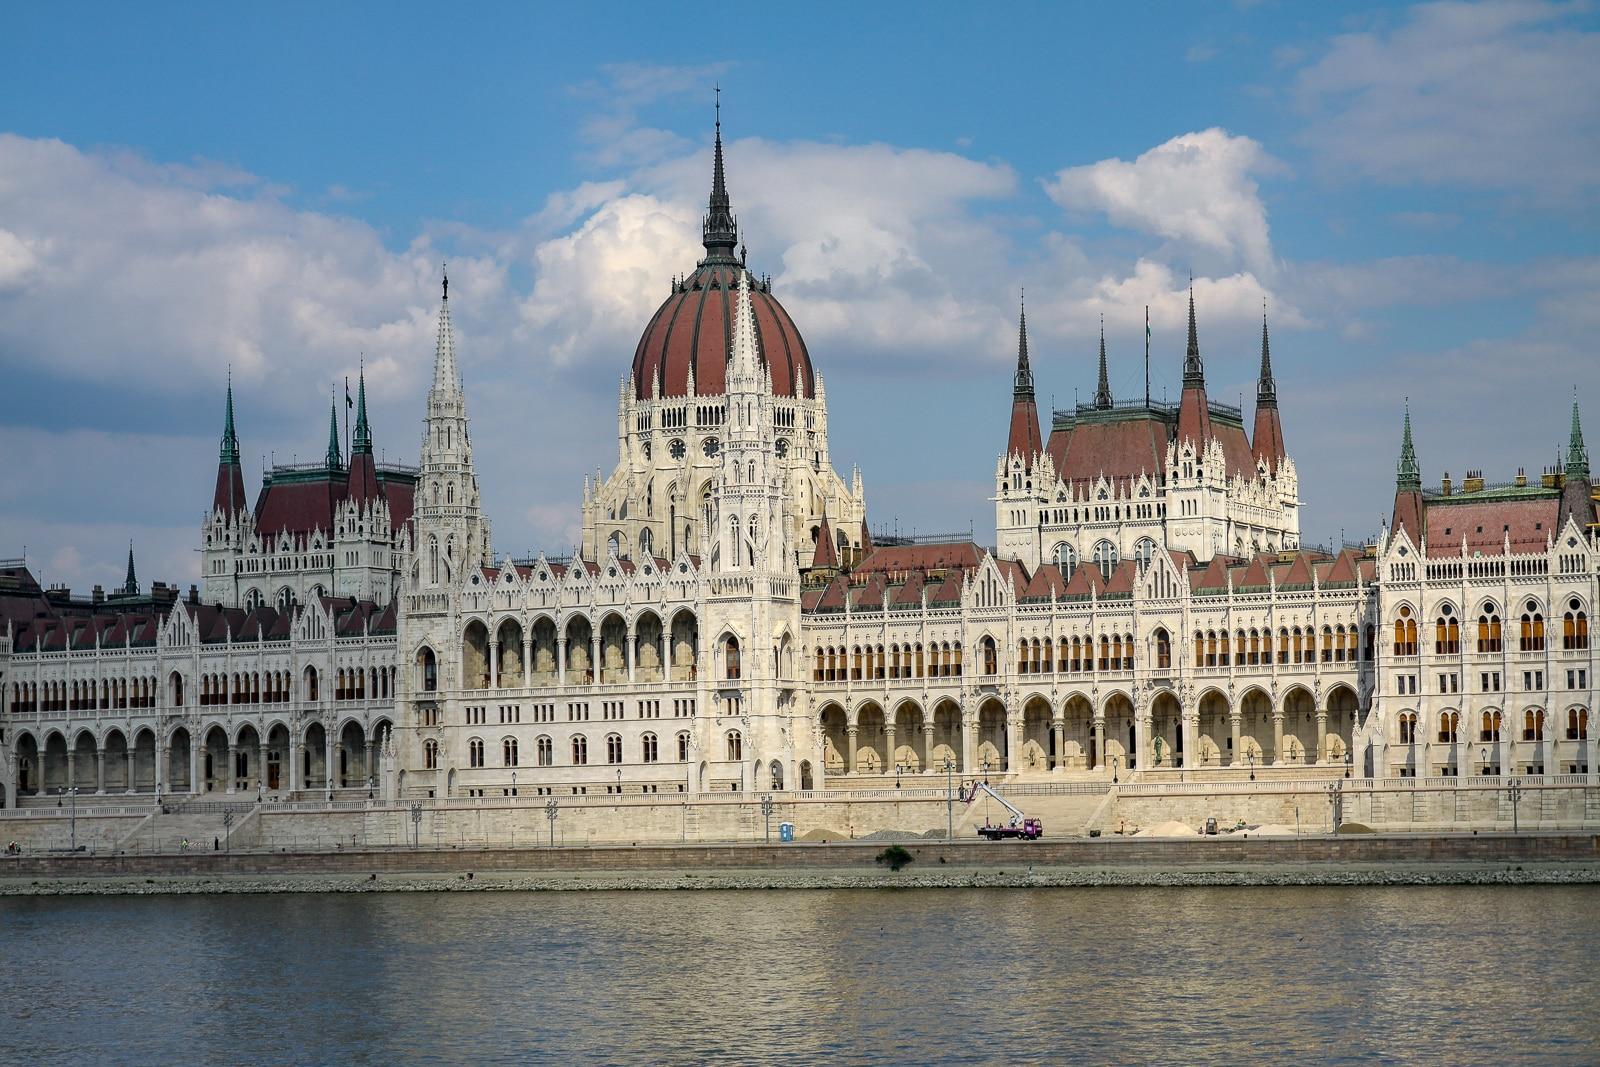 Gmach parlamentu. Główny symbol Budapesztu